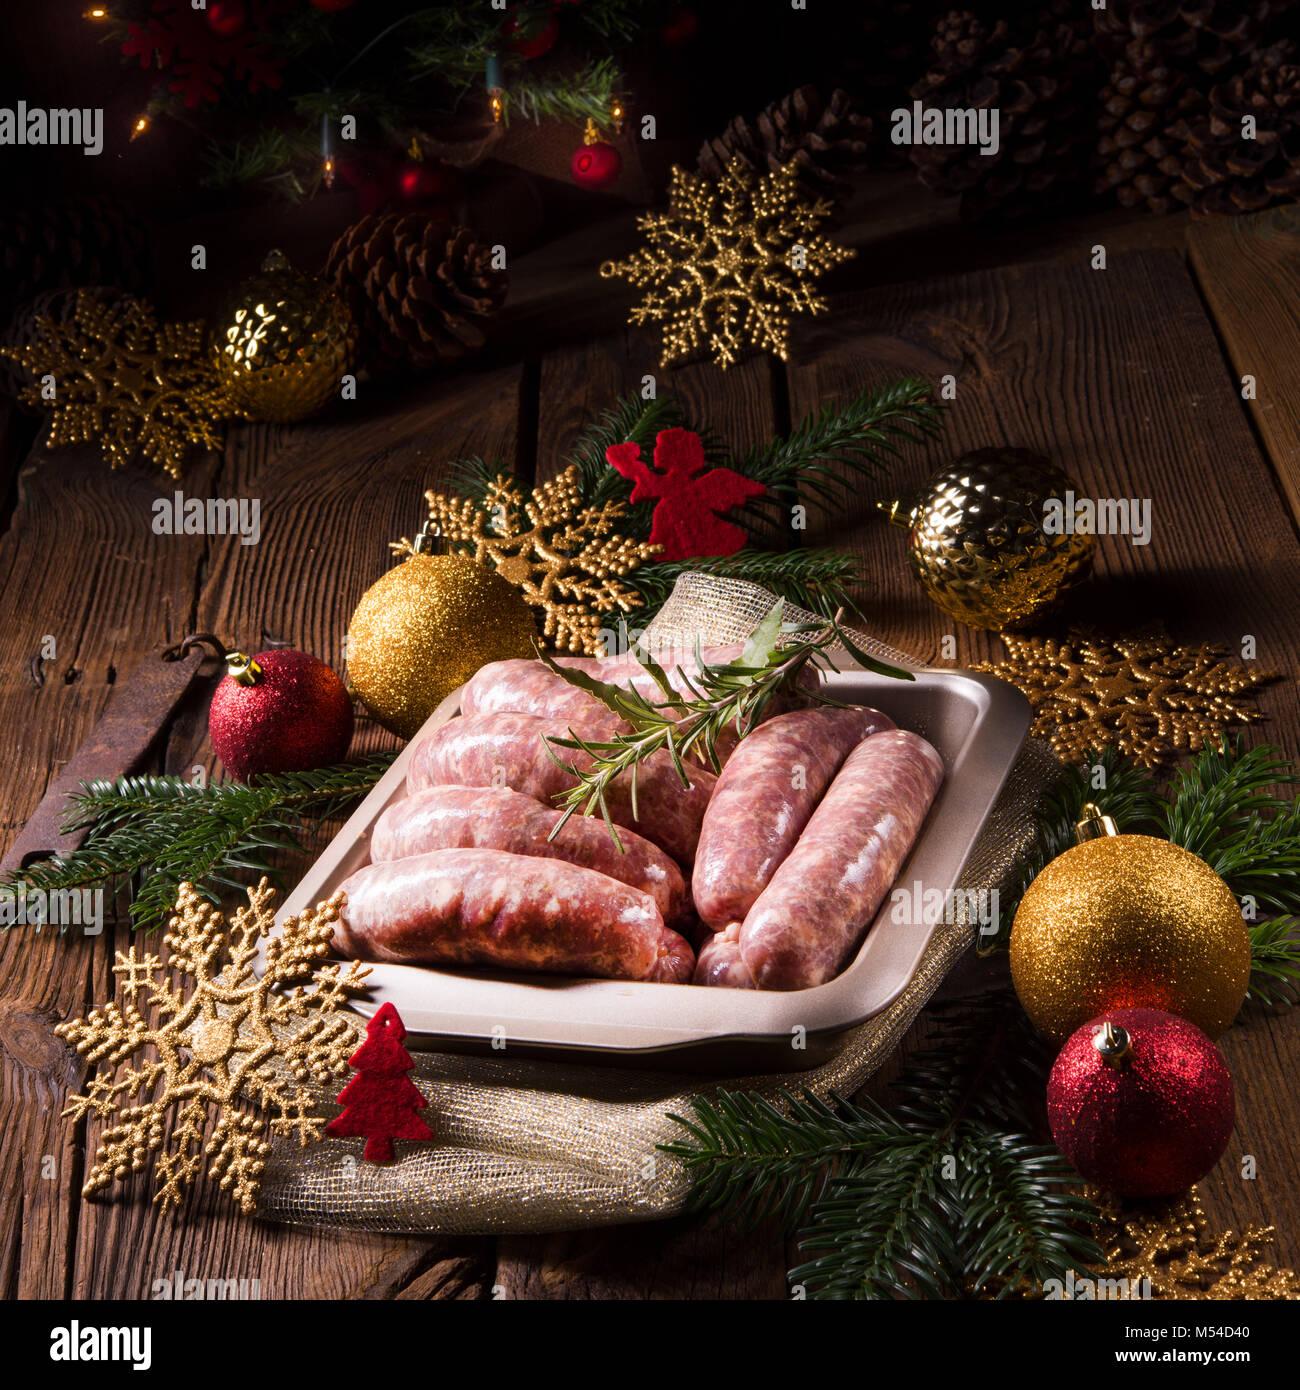 fresh homemade sausage - Stock Image